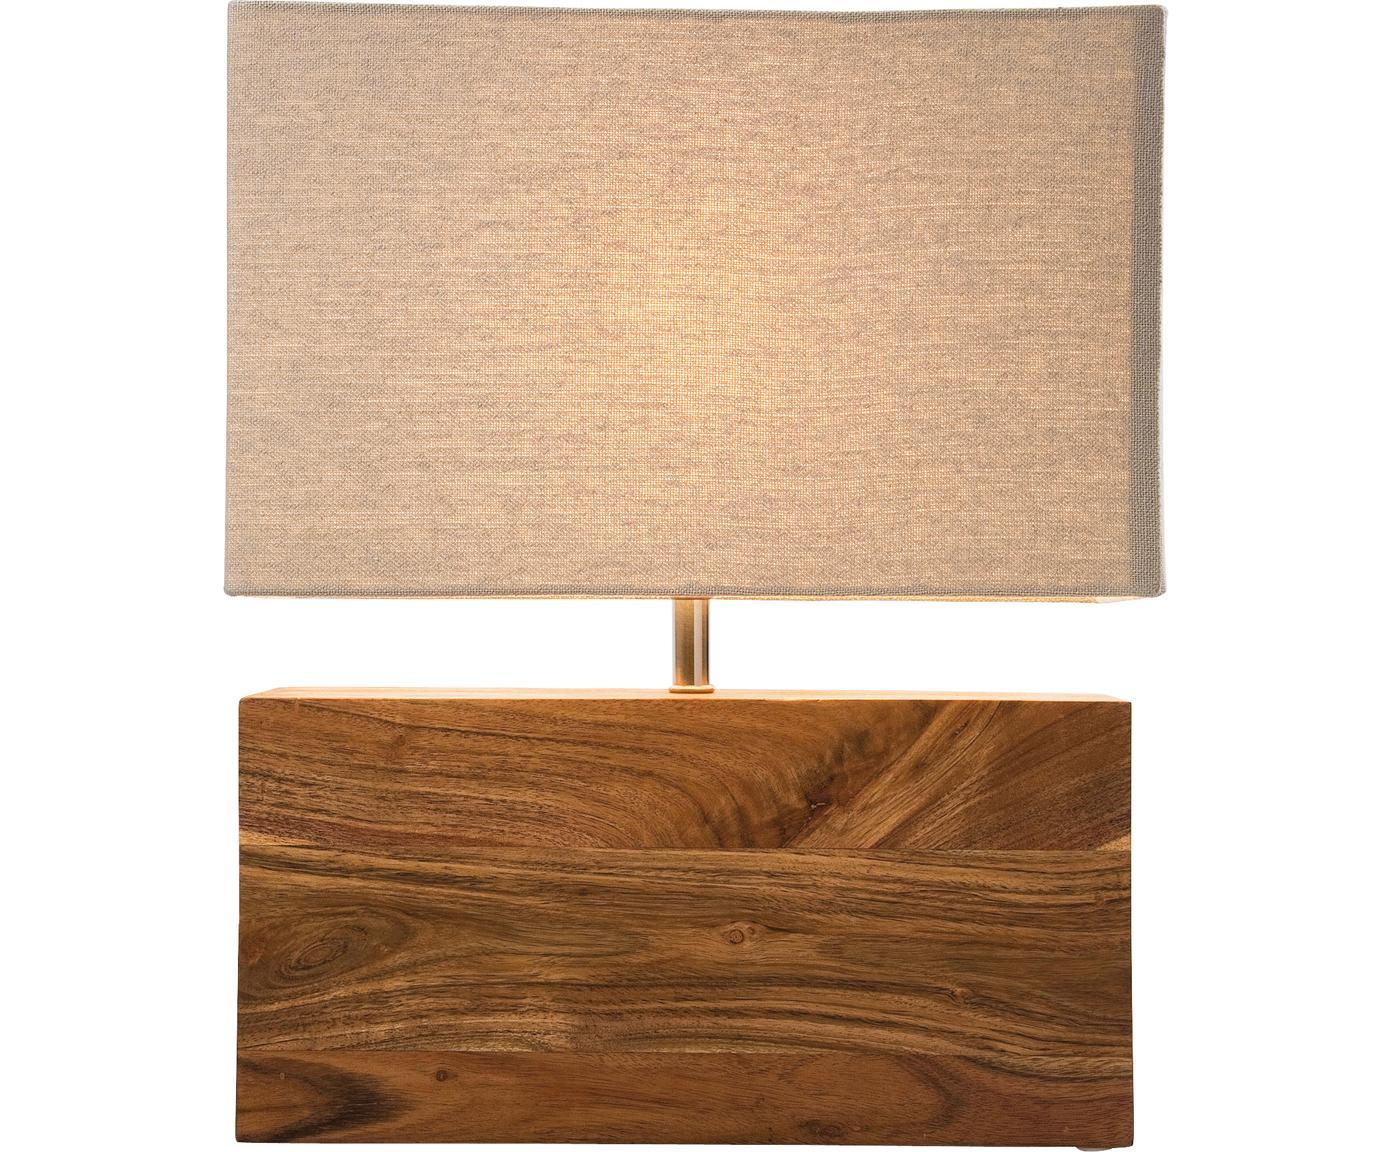 Lámpara de mesa de madera Rectangular, Madera de acacia, acero, algodón, Marrón, An 33 x Al 43 cm